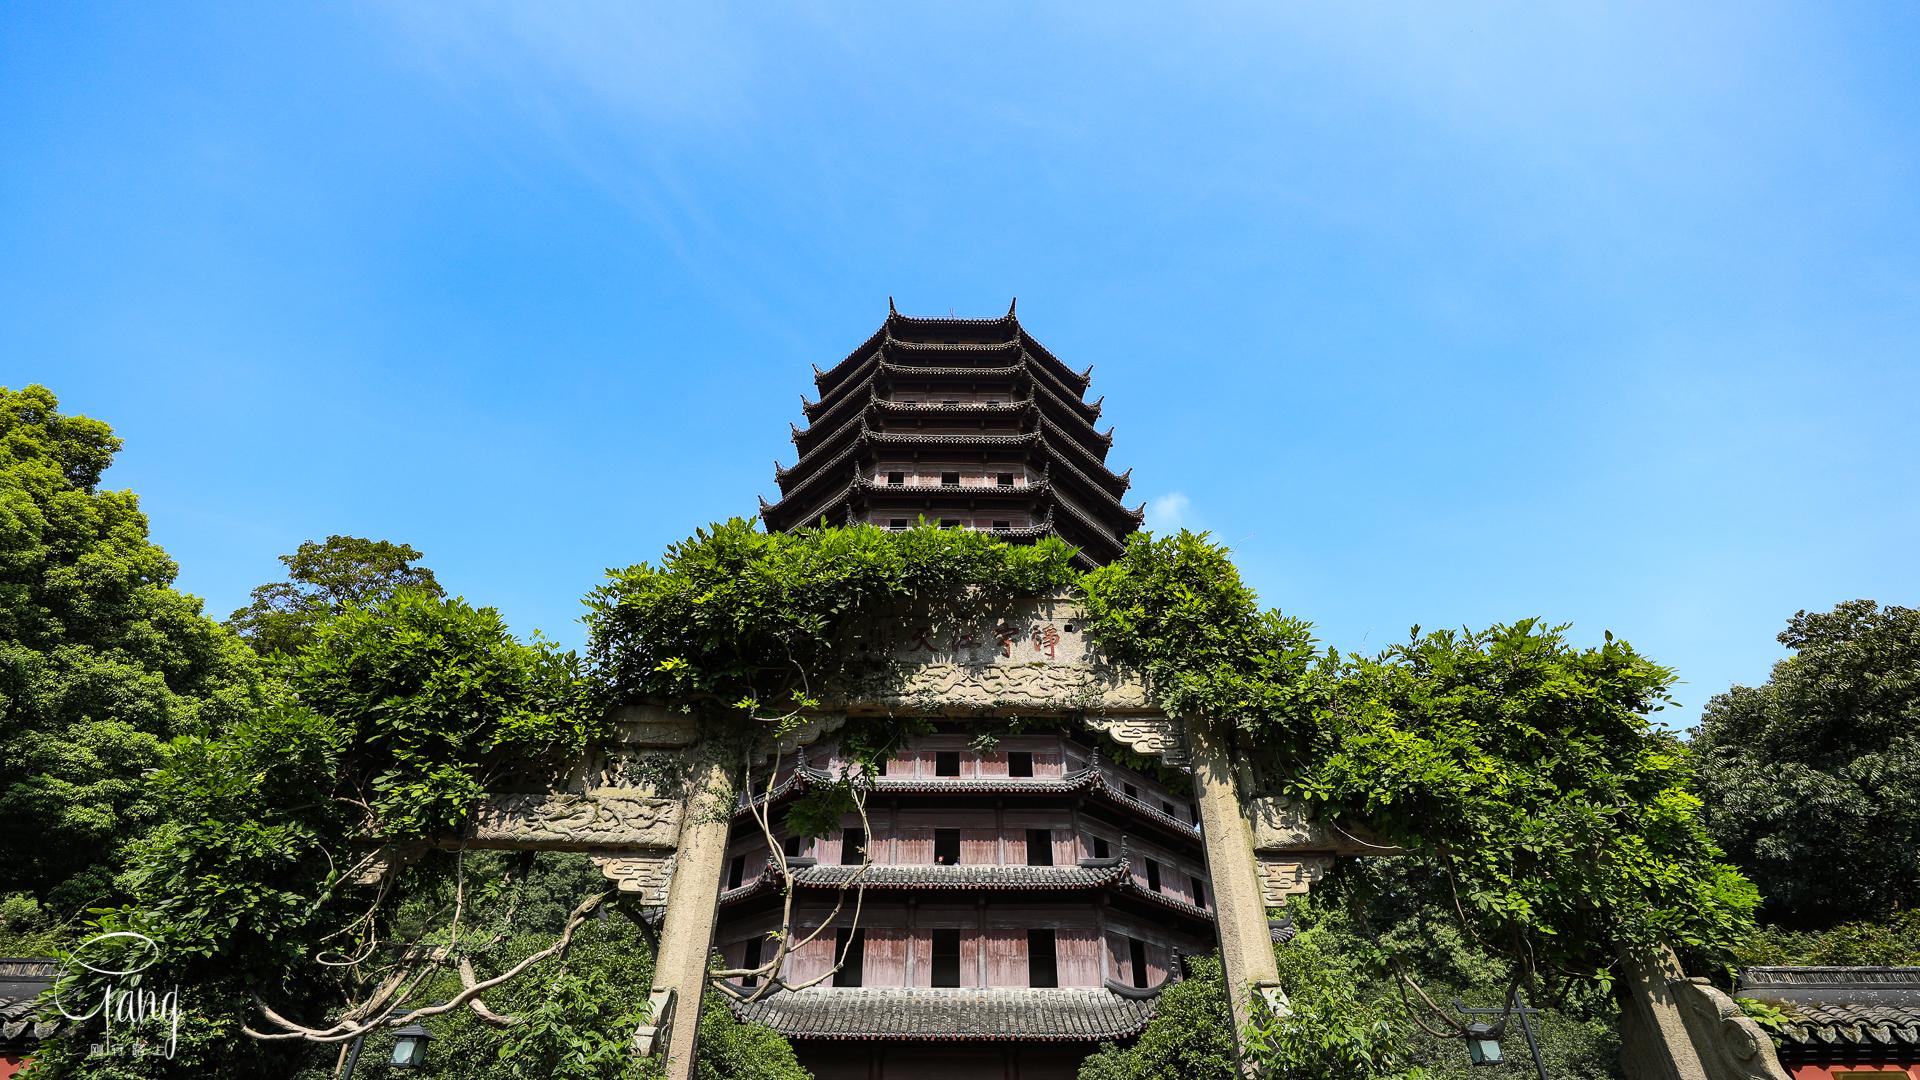 钱塘江畔月轮山上最佳观潮点:六和塔,钱塘江大潮时一票难求